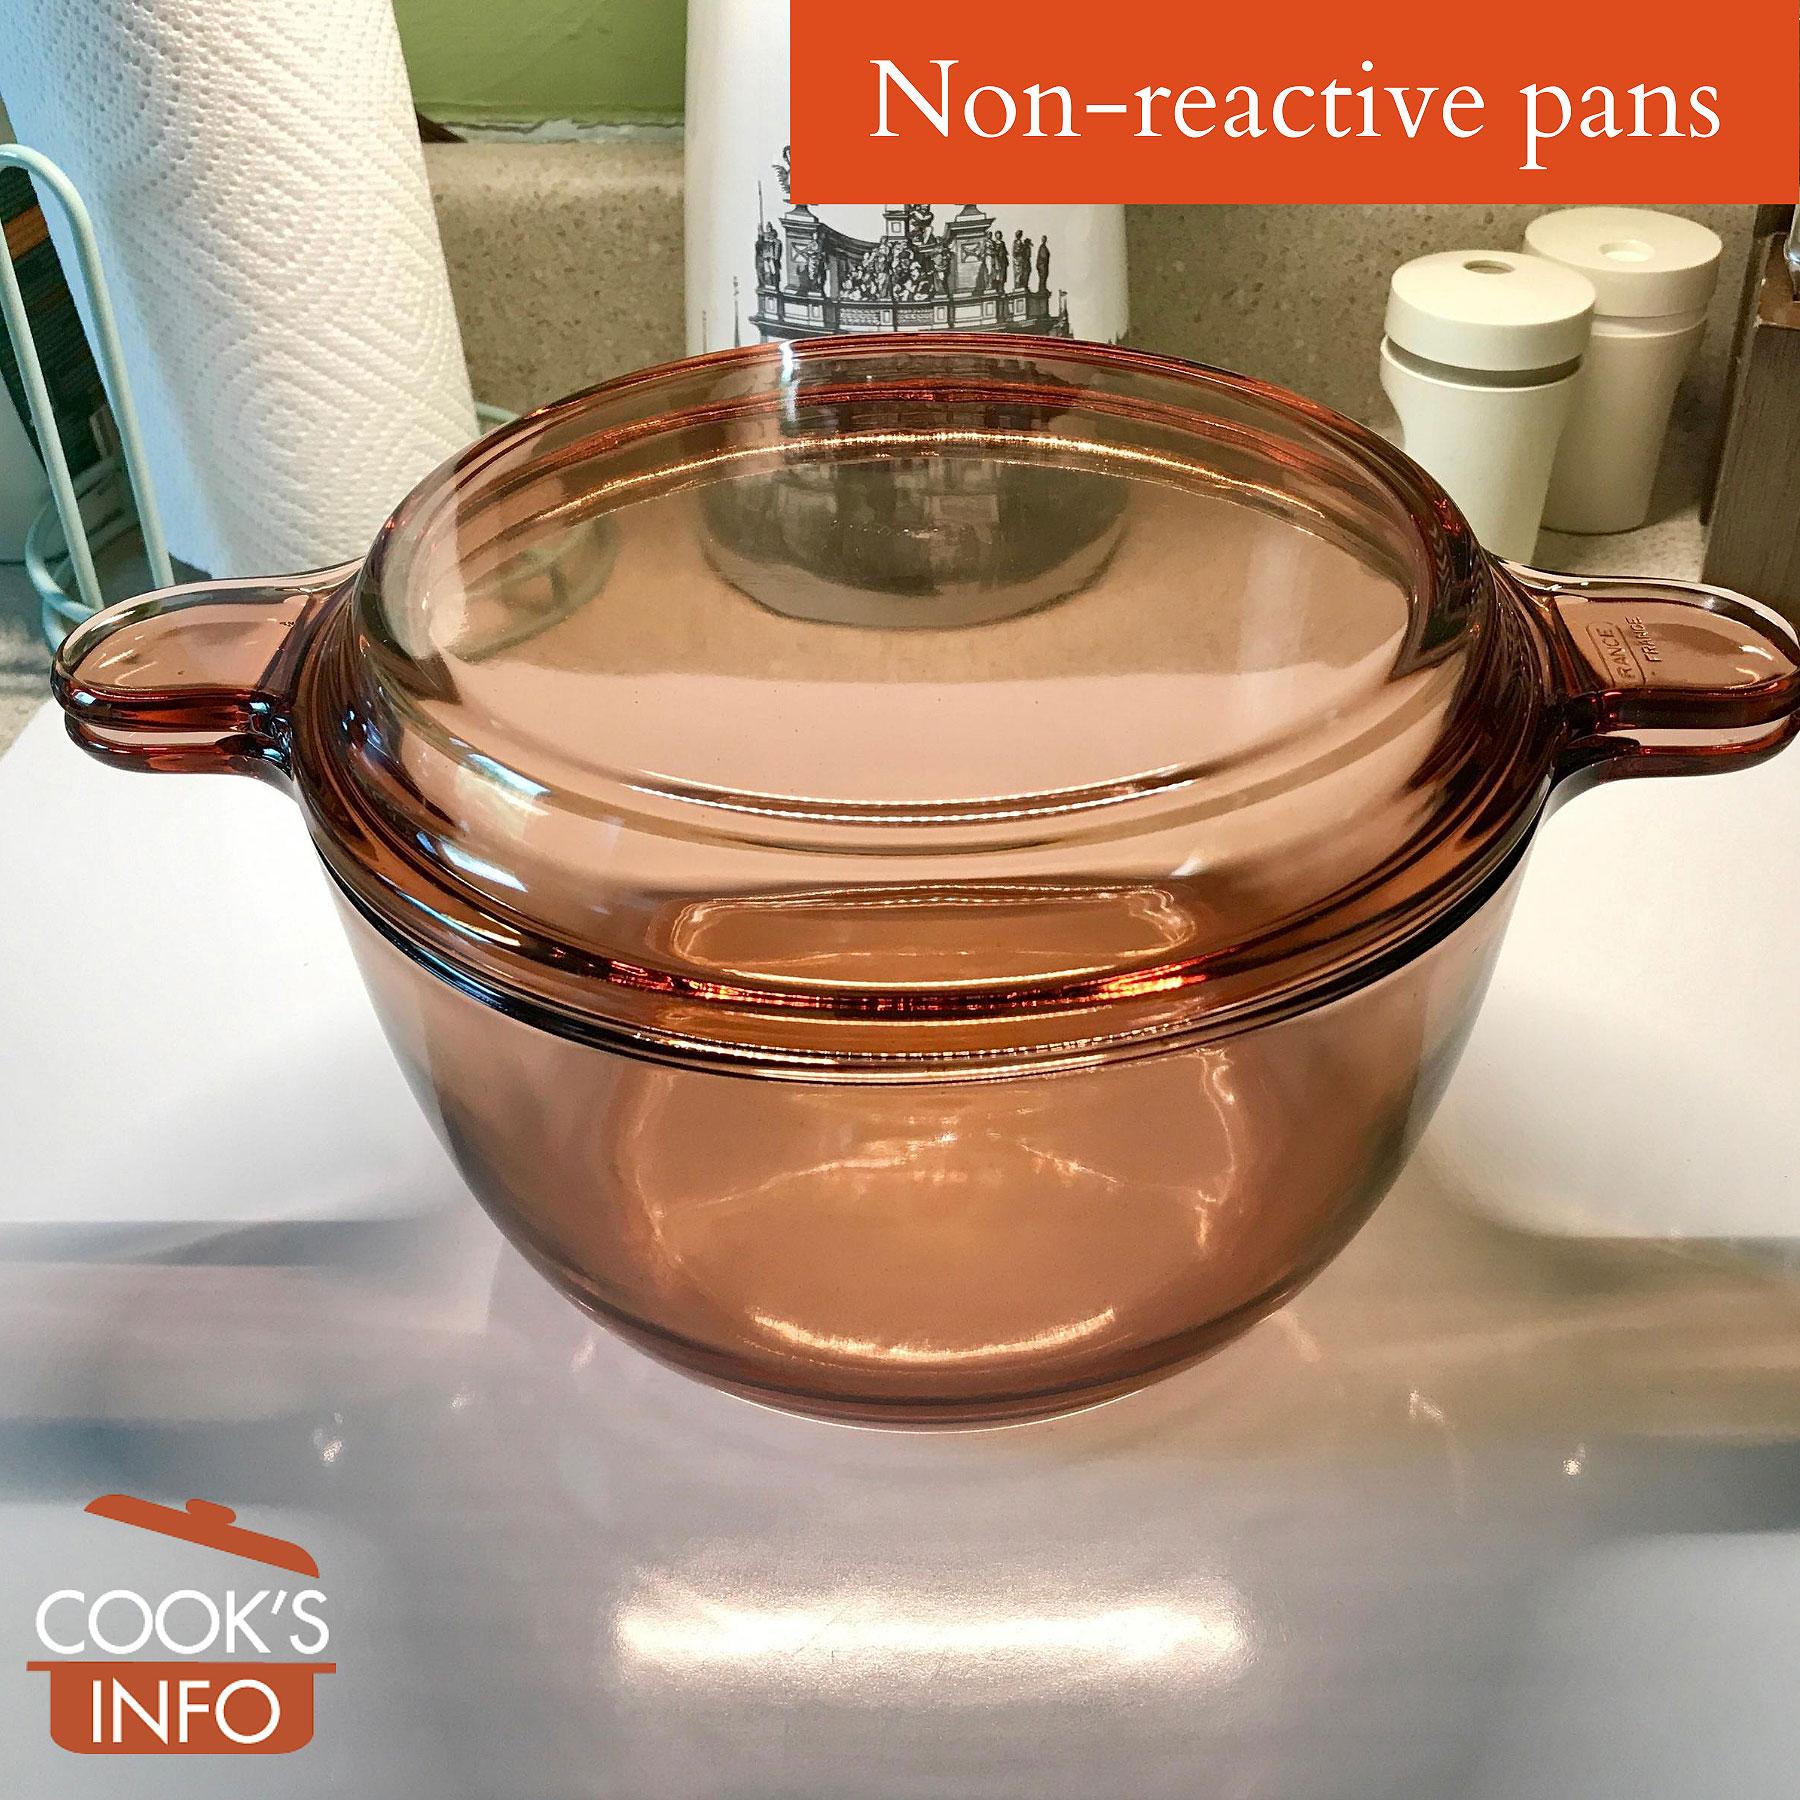 Non-reactive Corning pan